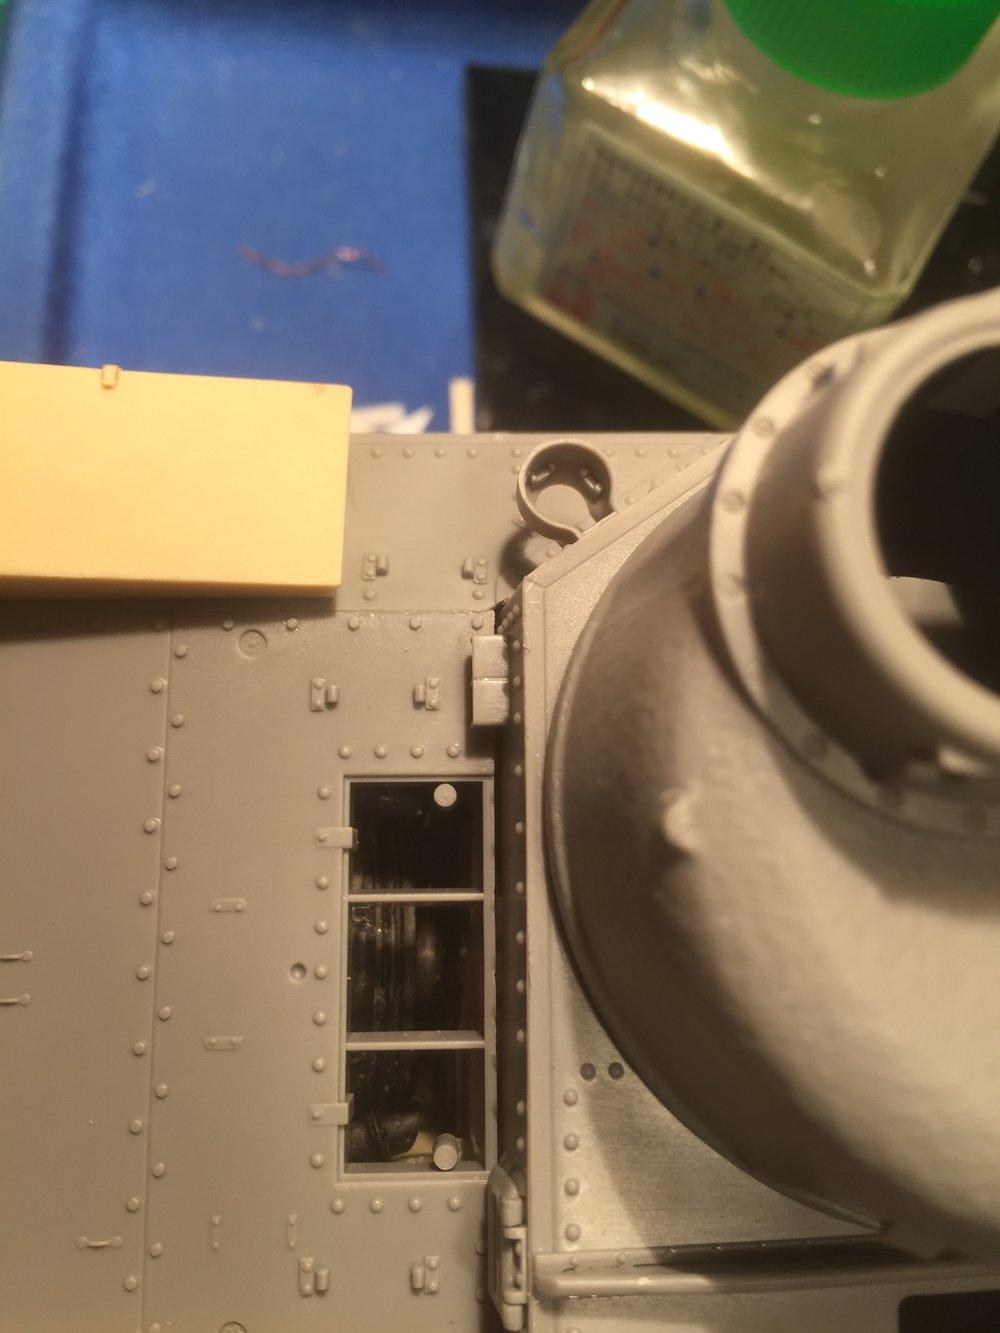 Engine detail visible through air intake.